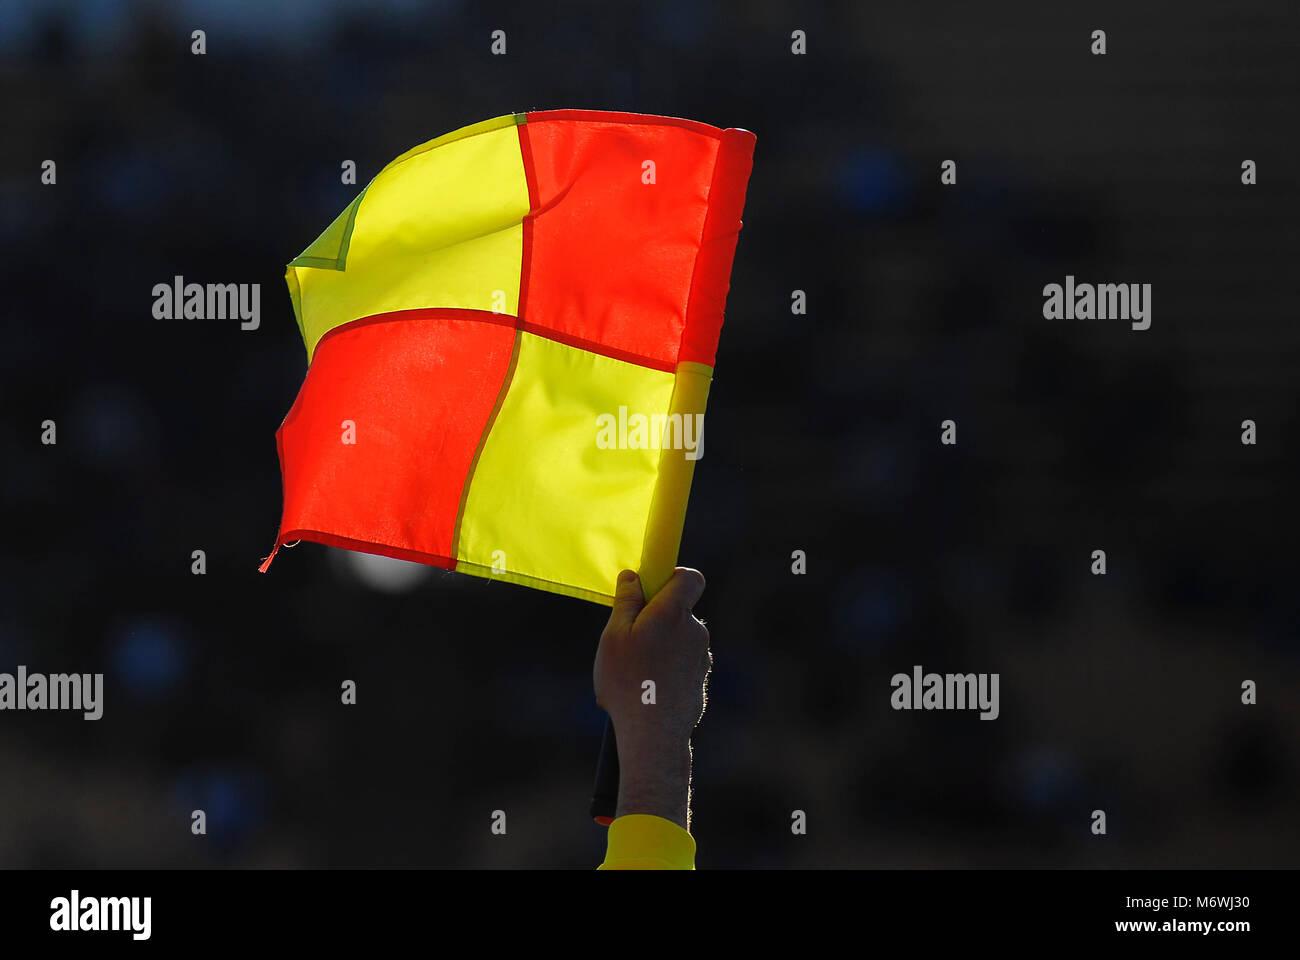 Fußball foul Flag auf dem Hintergrund der Stände während der Fußball-Match Stockbild